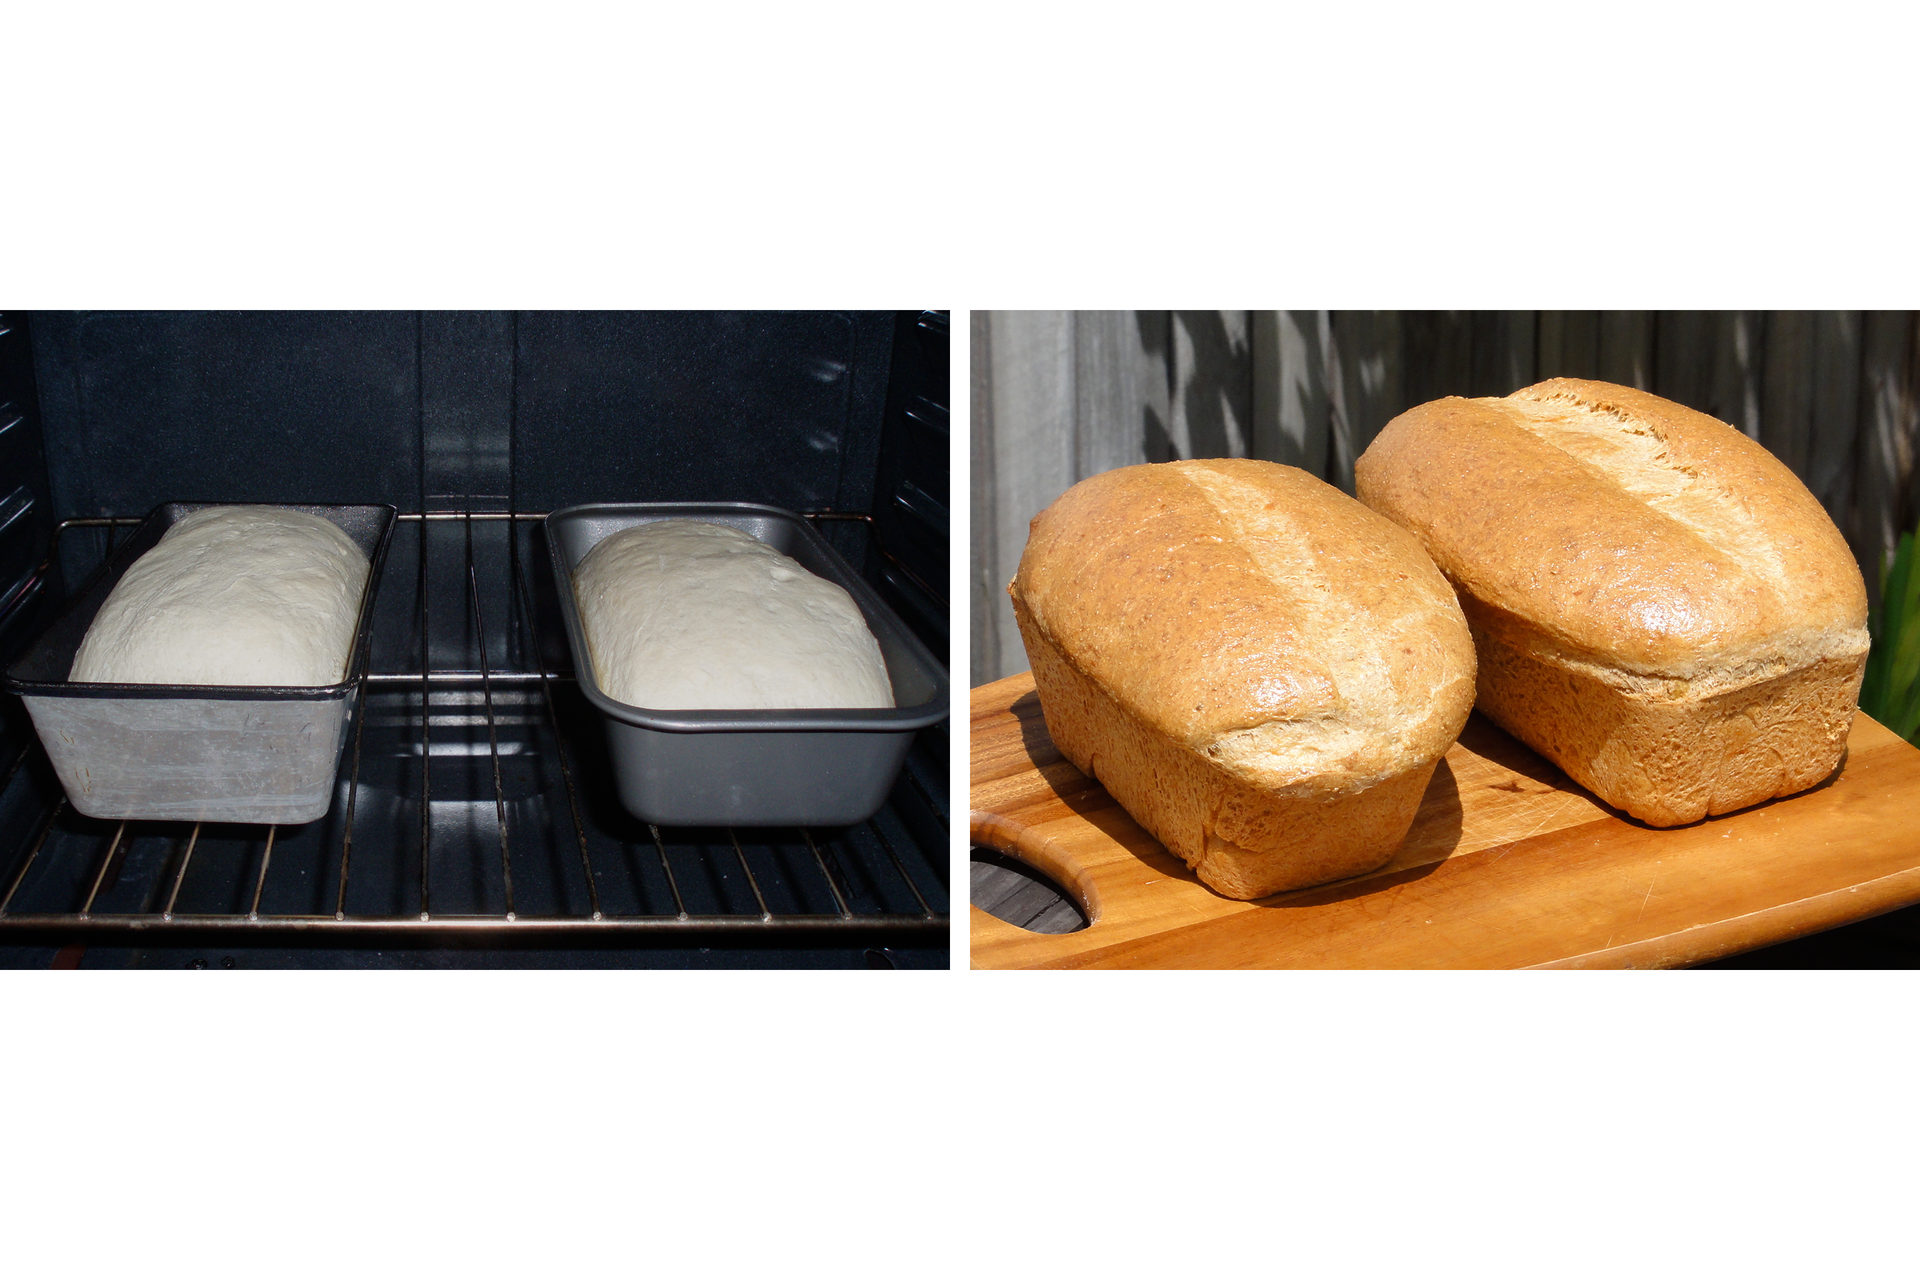 Ilustracja prezentuje dwa zdjęcia umieszczone obok siebie. Na pierwszym prezentowane jest wnętrze piekarnika zdwoma podłużnymi foremkami zawierającymi ciasto chlebowe. Na drugim dwa upieczone bochenki stoją na desce, gotowe do pokrojenia izjedzenia.